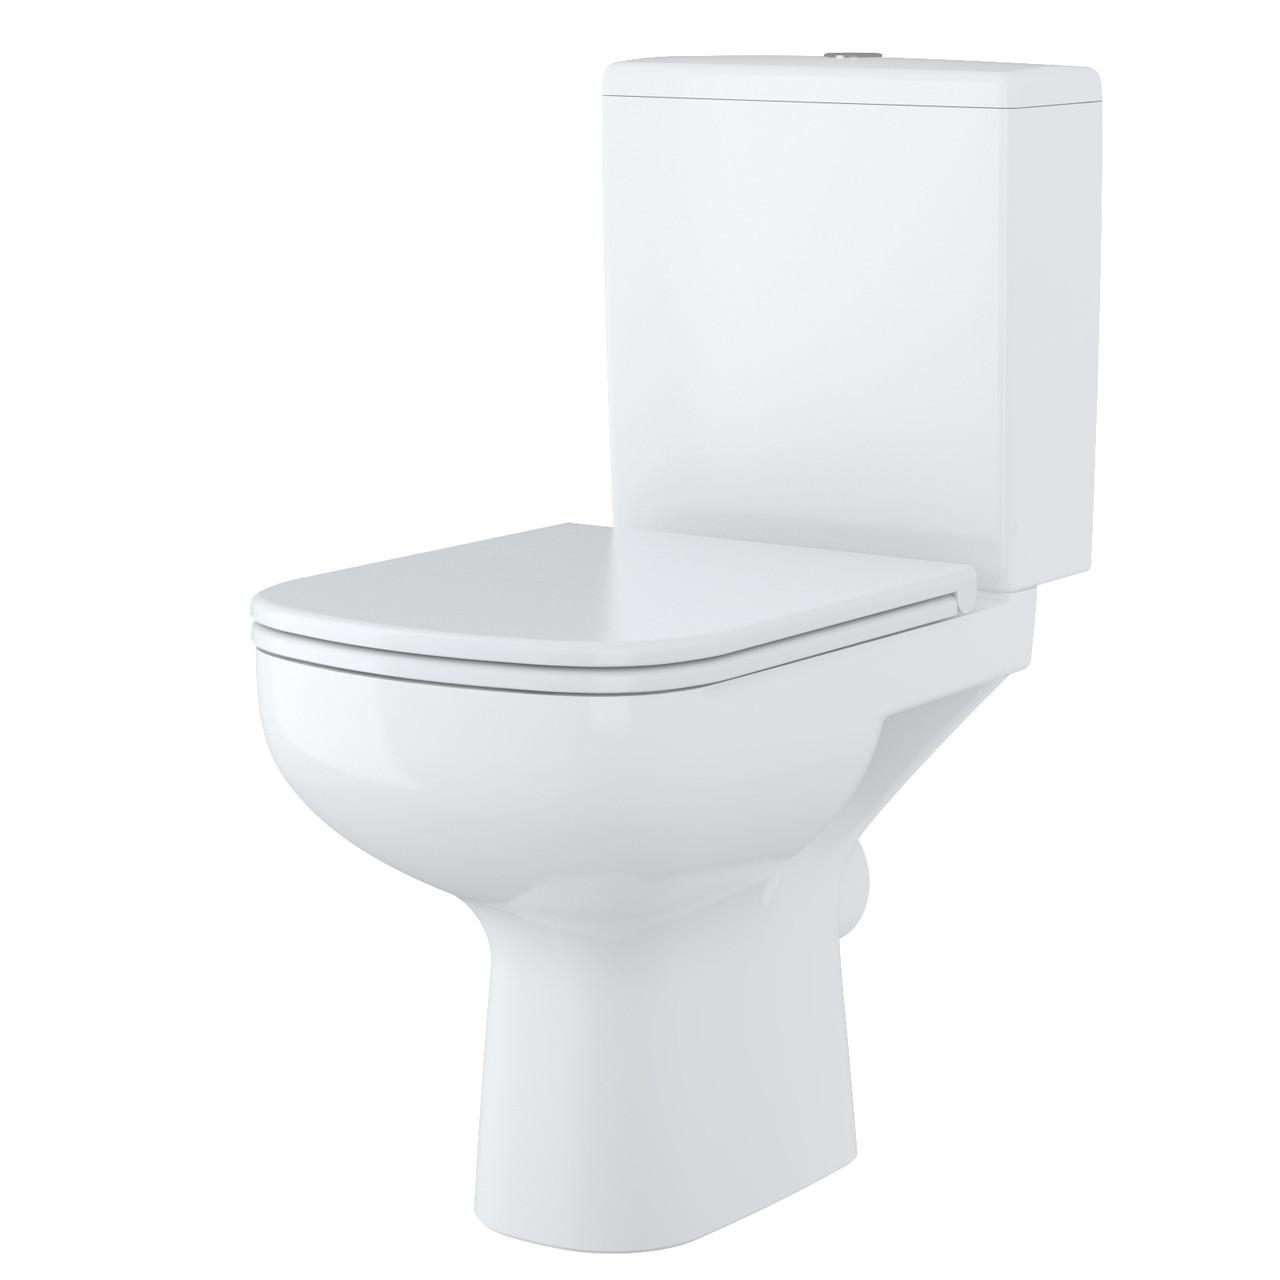 Унітаз Cersanit COLOUR 011 з білим вільнопадаючим дюропластовим сидінням